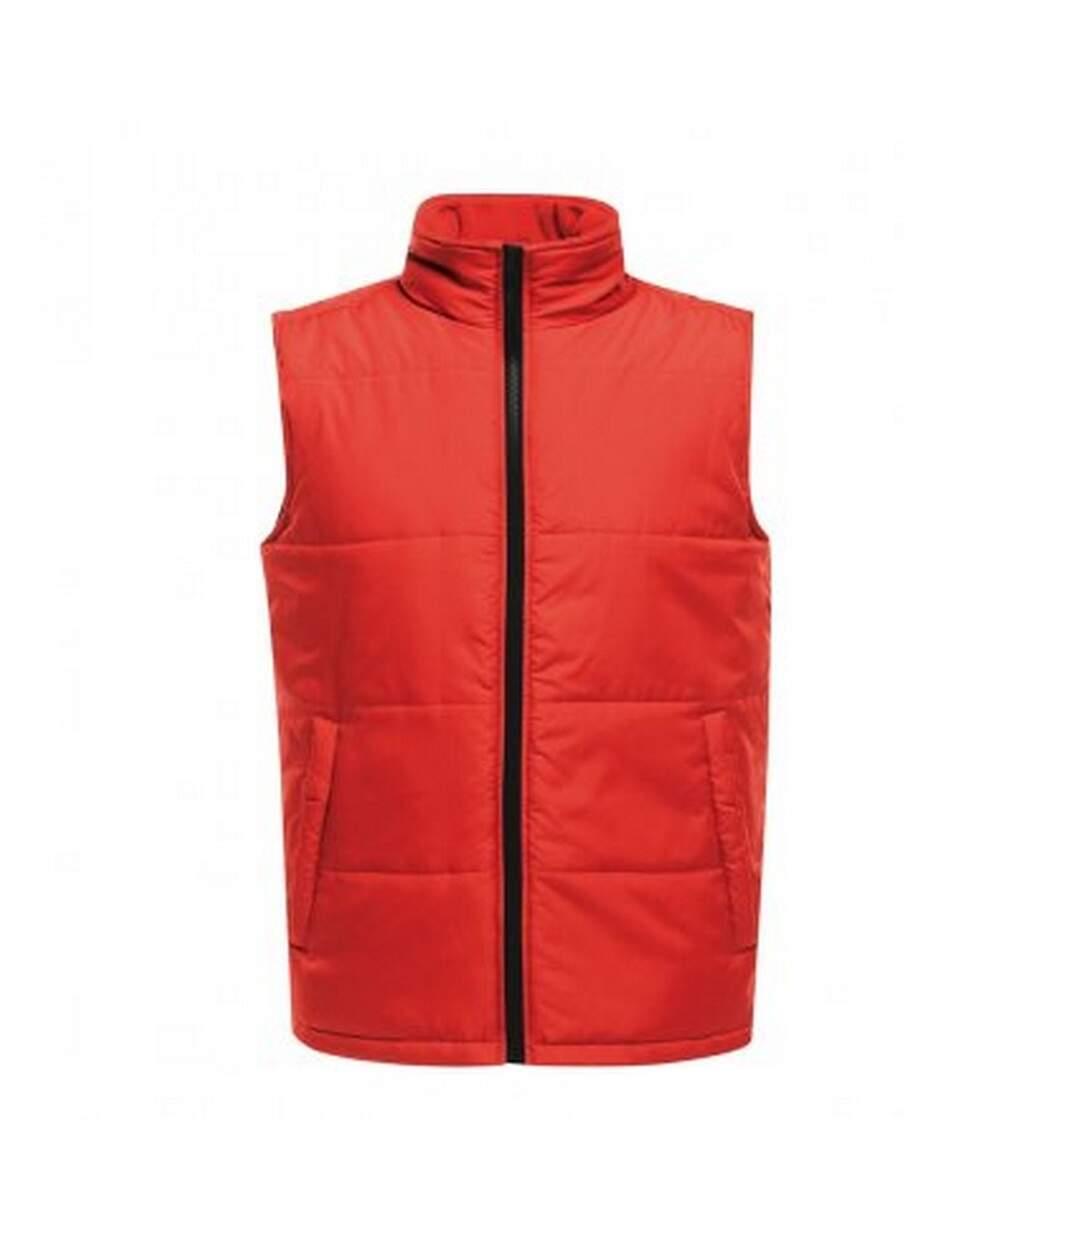 Regatta Standout Mens Access Insulated Bodywarmer (Classic Red/Black) - UTPC3323